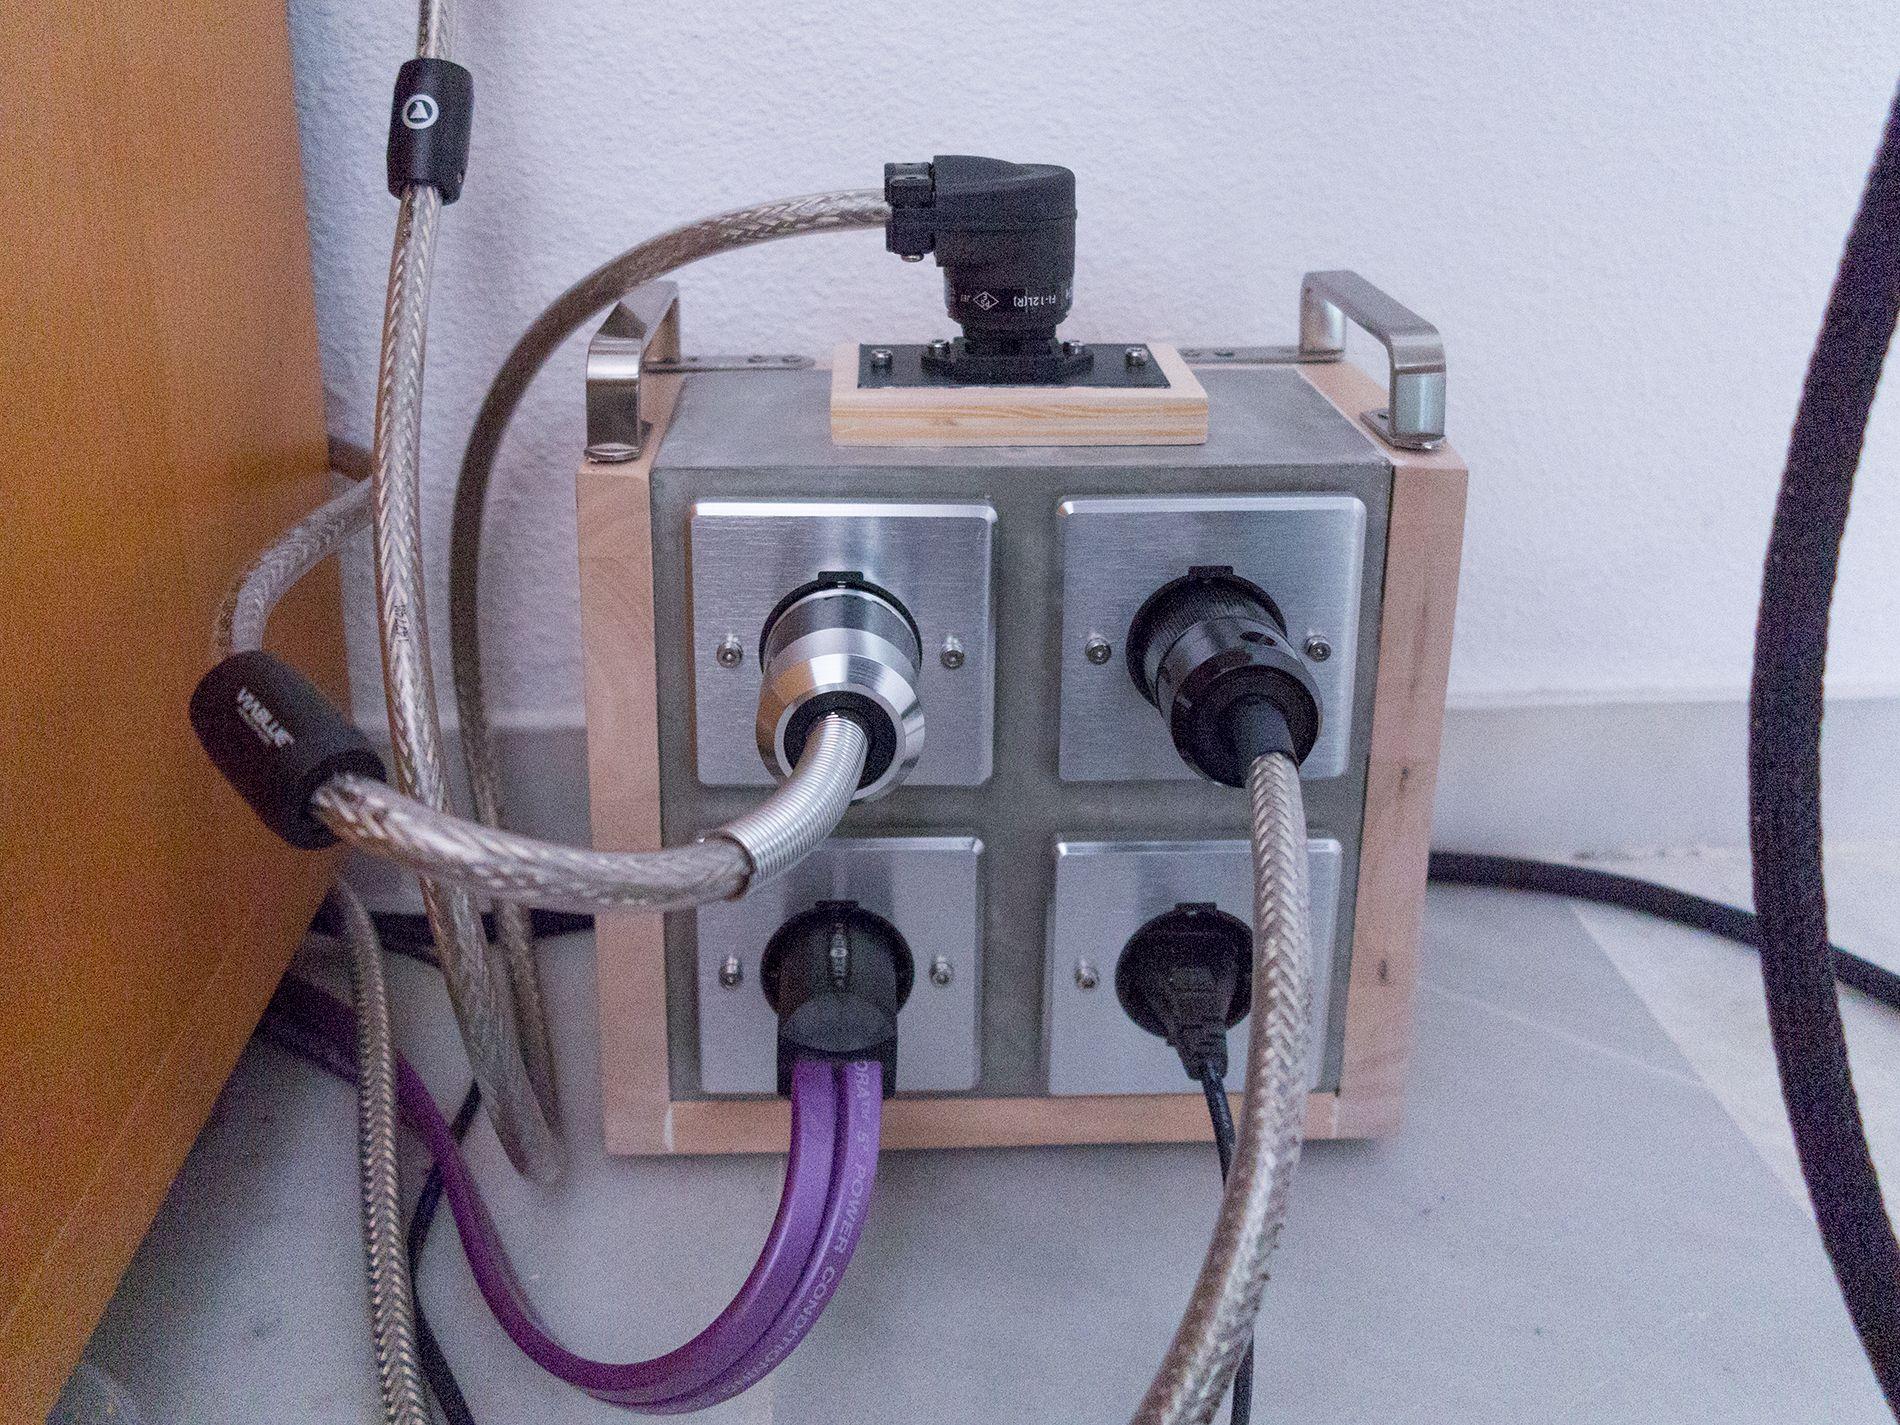 Cemento y cables... 324bc18033f9dc52be25deda1798079d